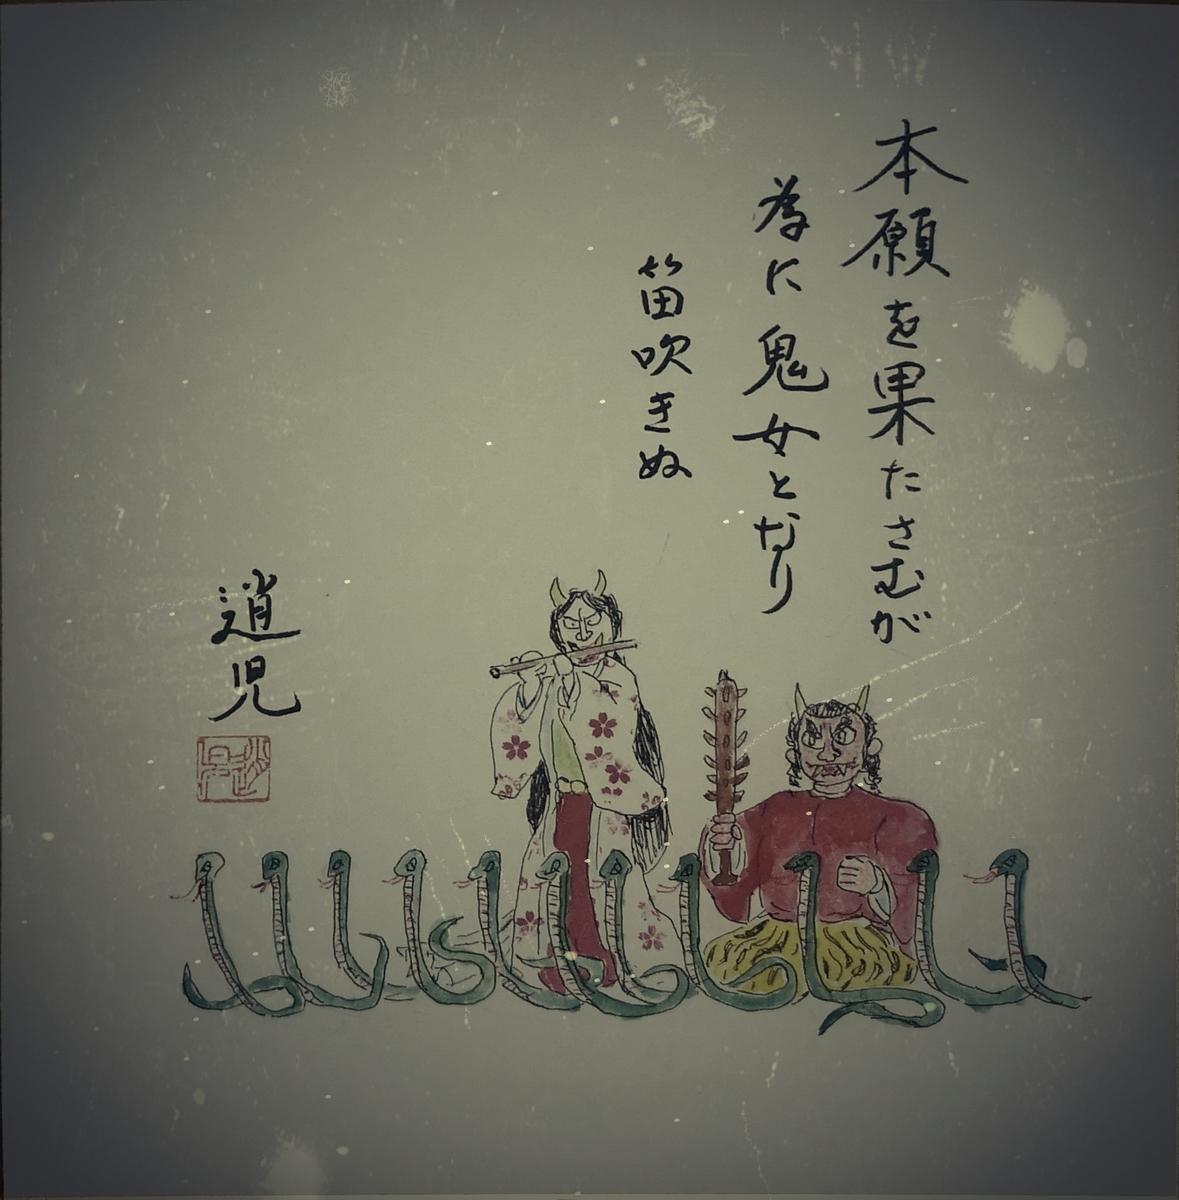 f:id:showjiyoshida:20200531235808j:plain